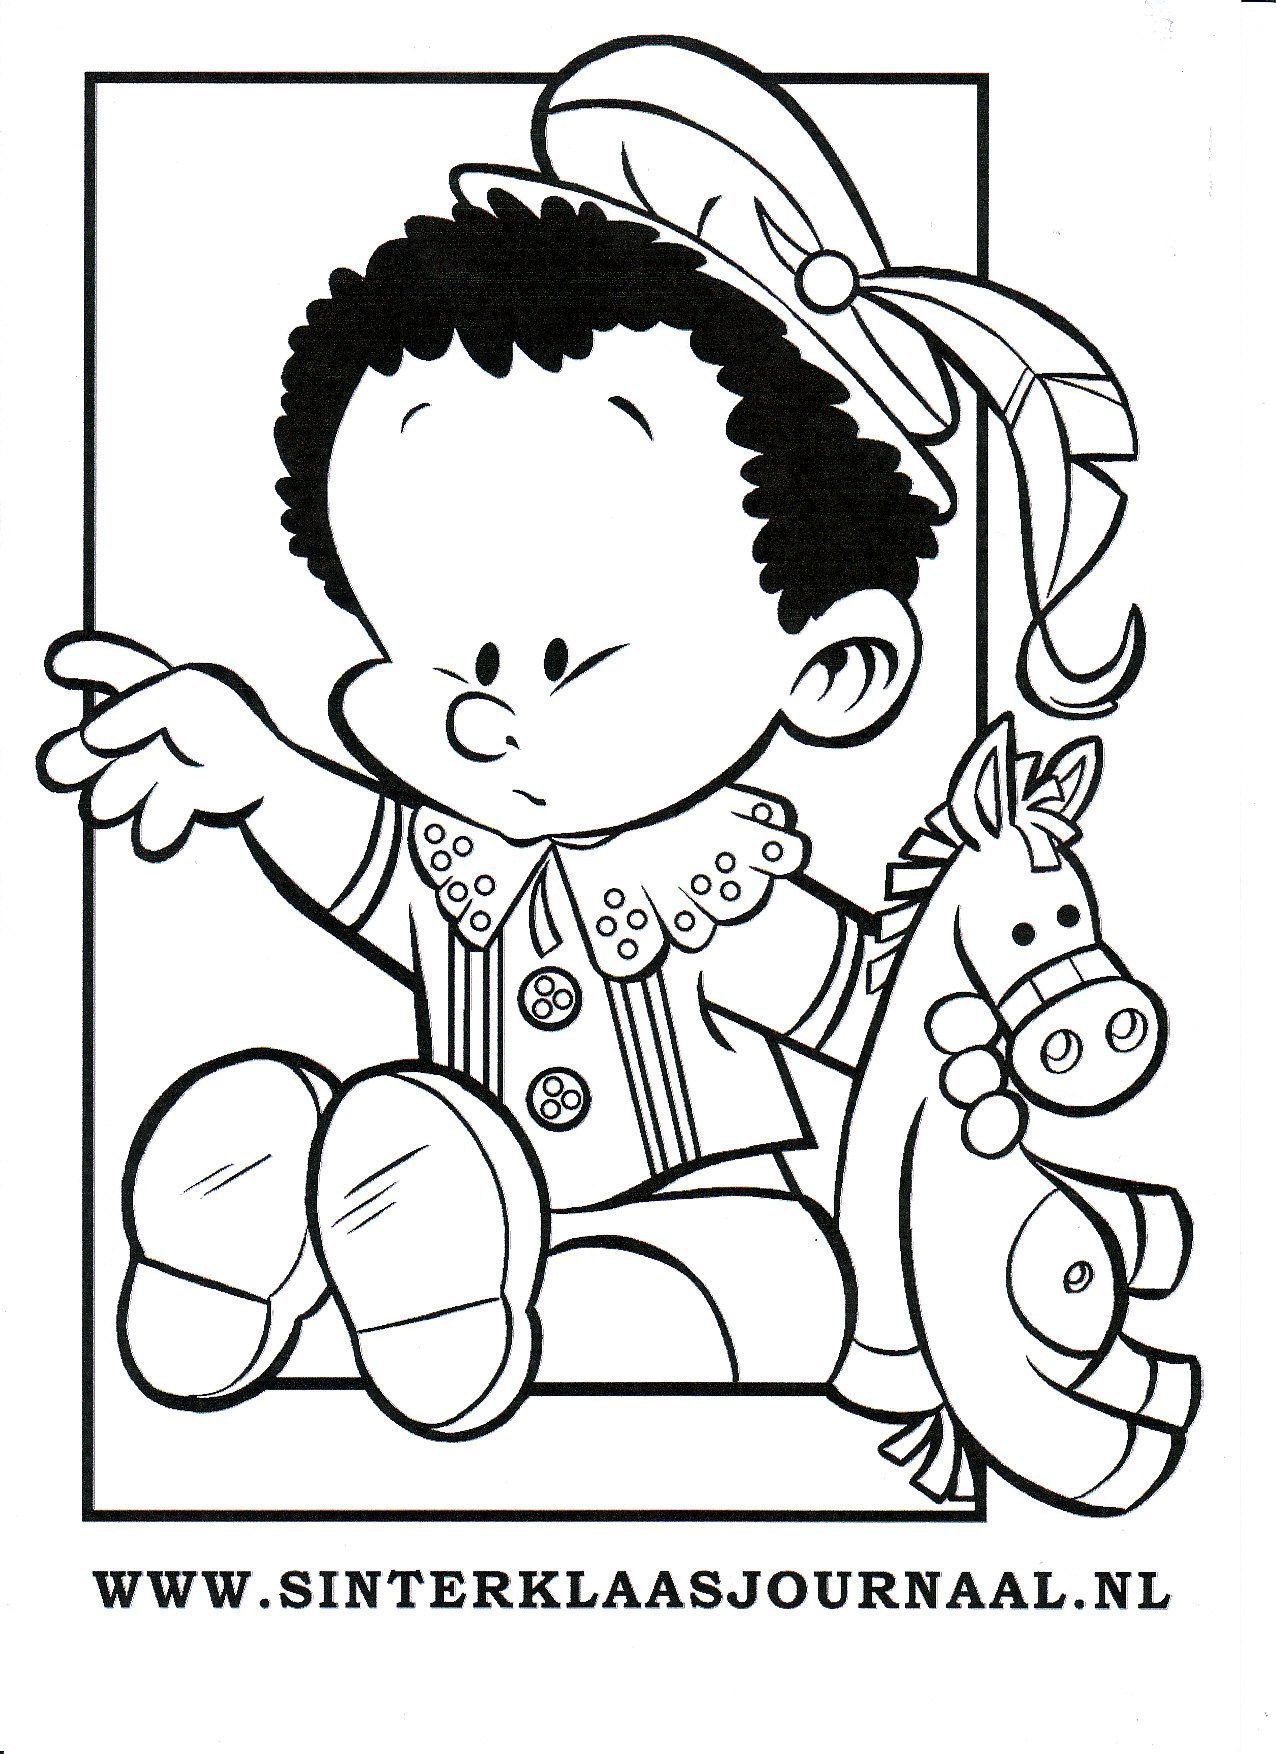 Kleurplaten Sinterklaas Babypiet.Kleurplaten Baby Piet Bizconnect Nieuwe Kleurplaten Sinterklaas